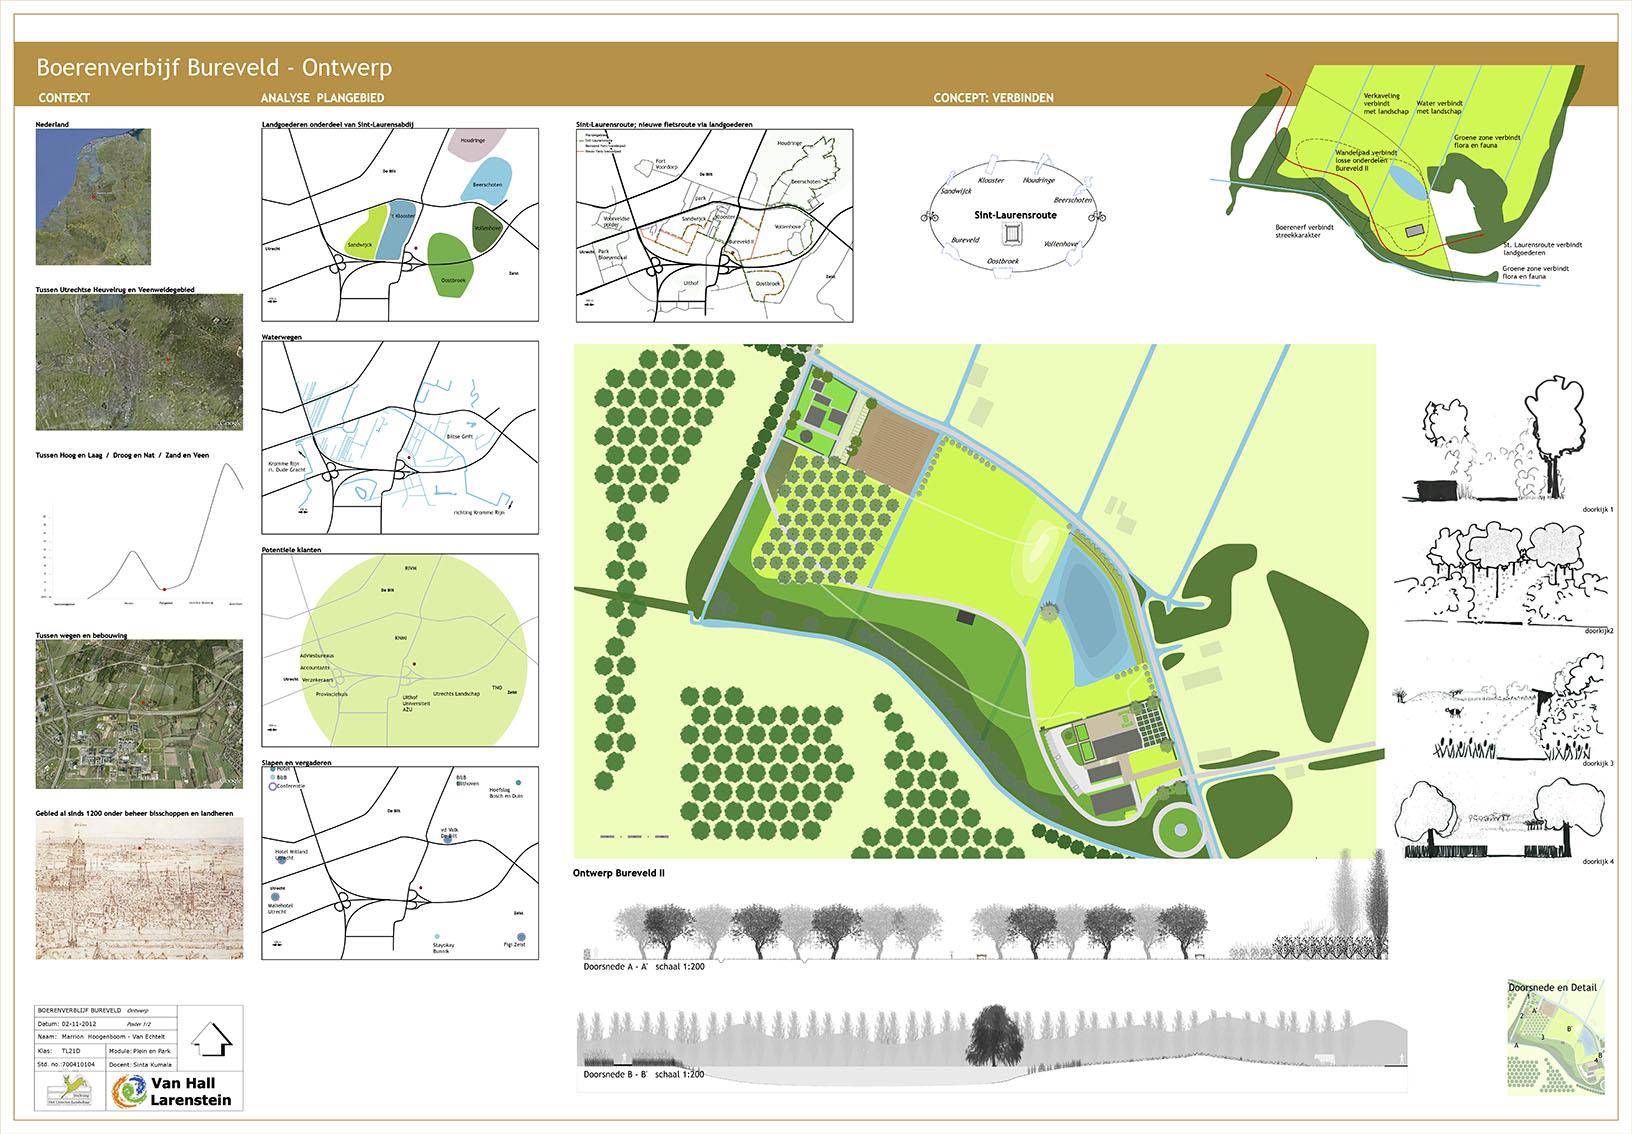 boerenverblijf_bureveld_analyse landschaps ontwerp ©Groenerwaard